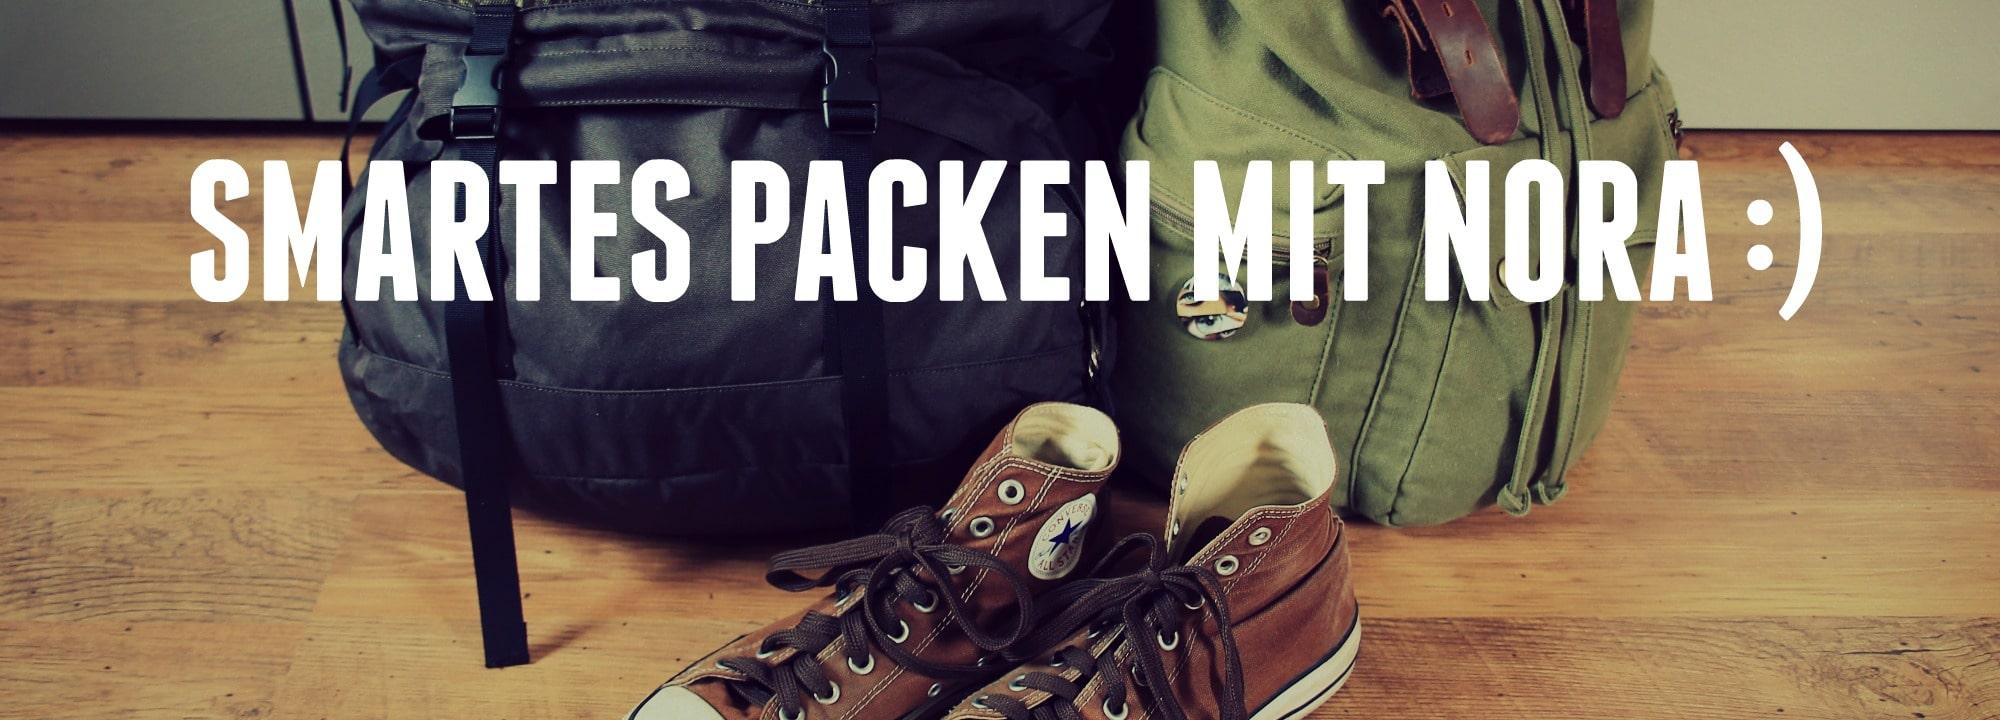 packliste_peru_rucksack_packen_gepäck_flugreise_gepäckbestimmungen_welche_klamotten_für_peru_trekking_ausrüstung